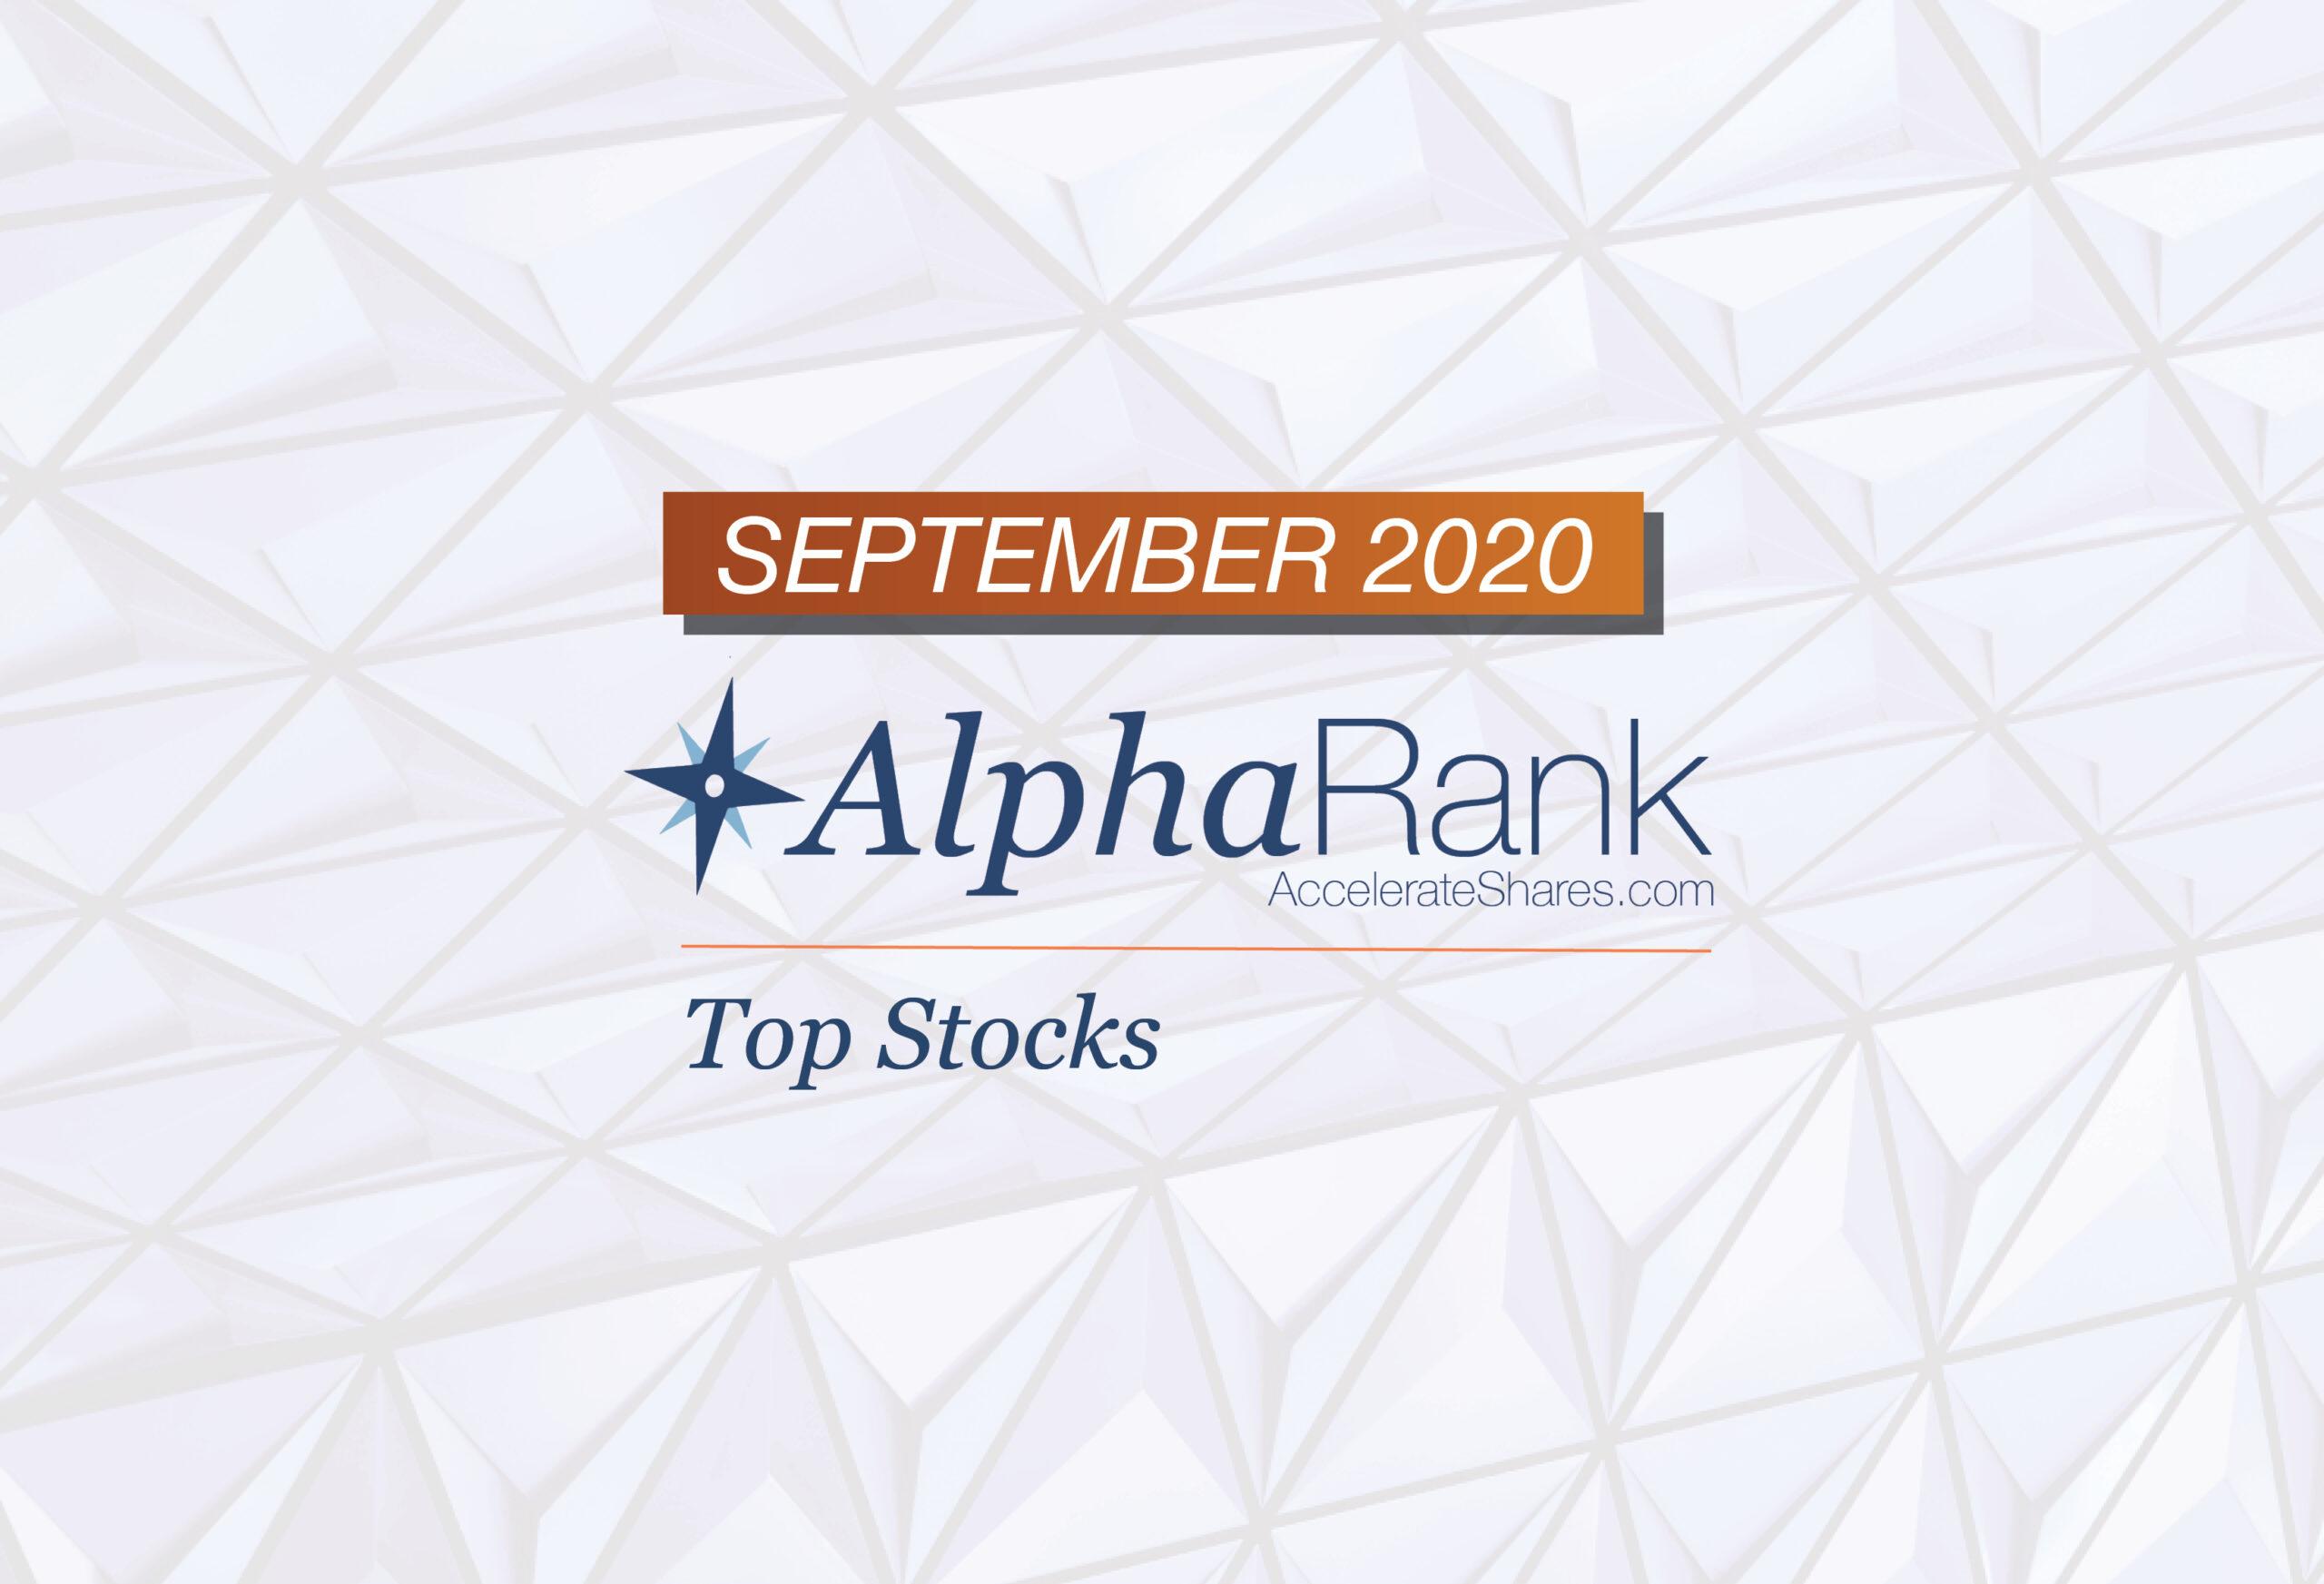 AlphaRank Top Stocks—September 2020